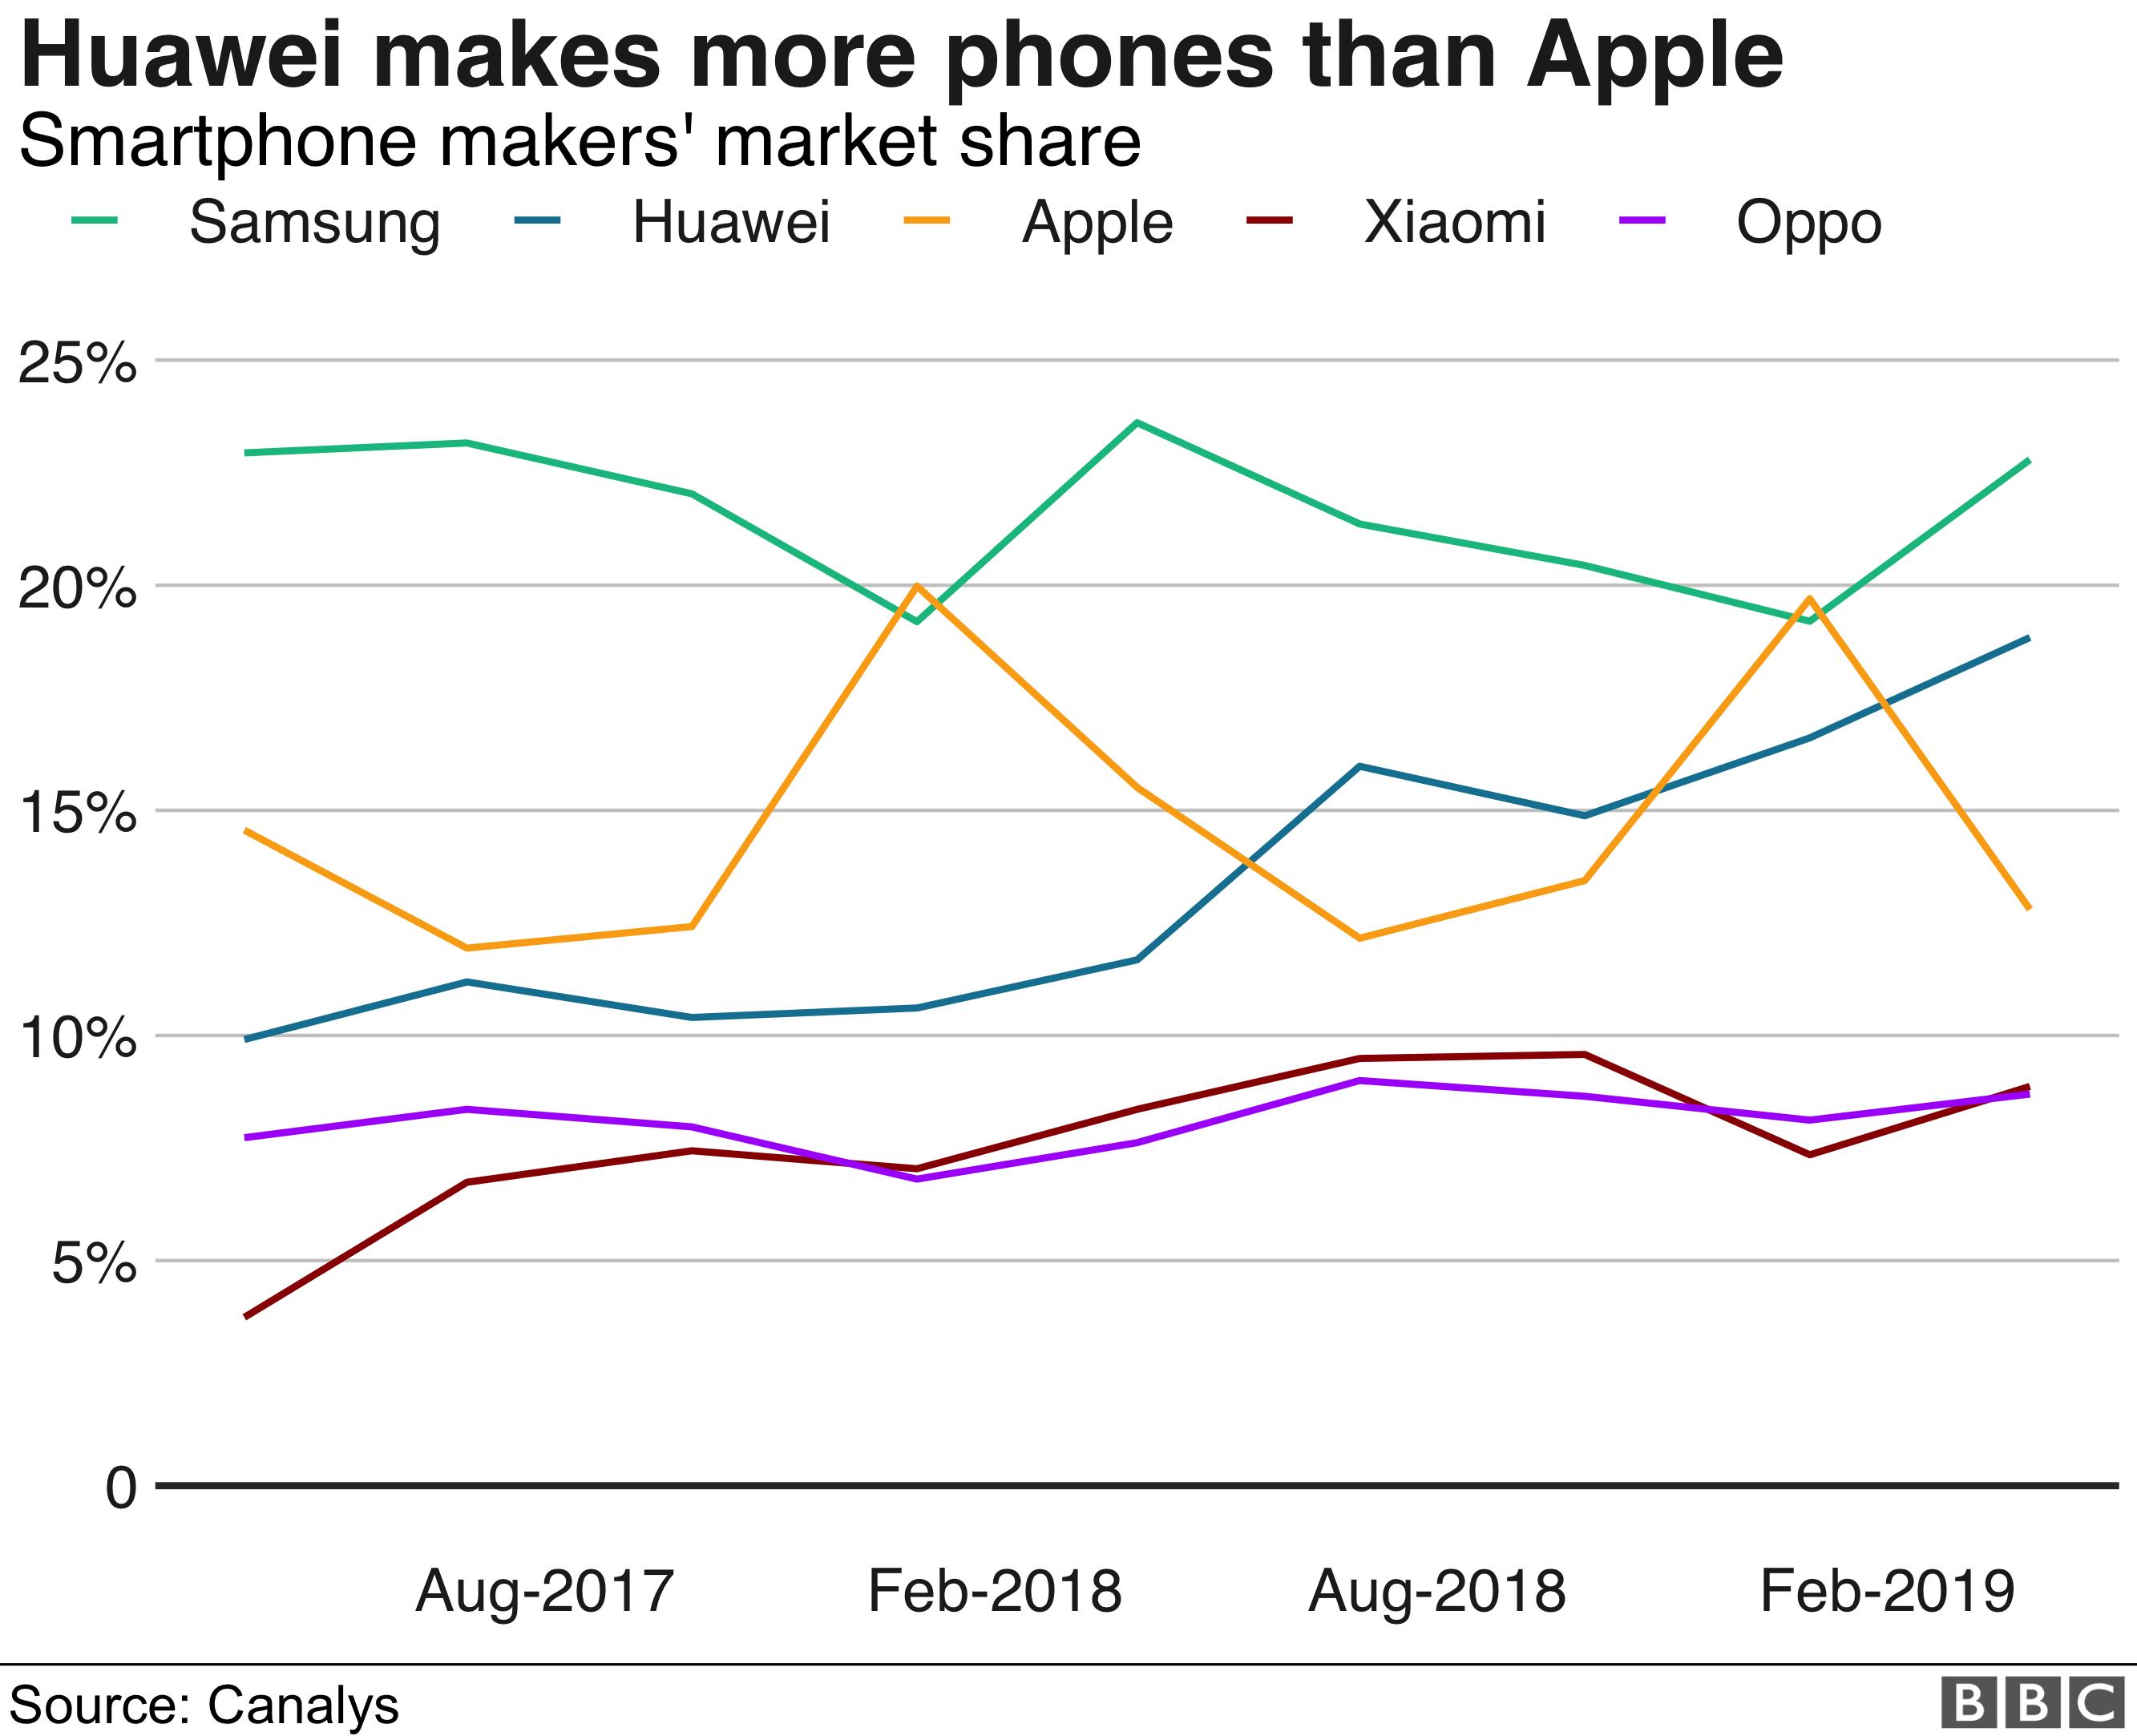 Mobile market shares